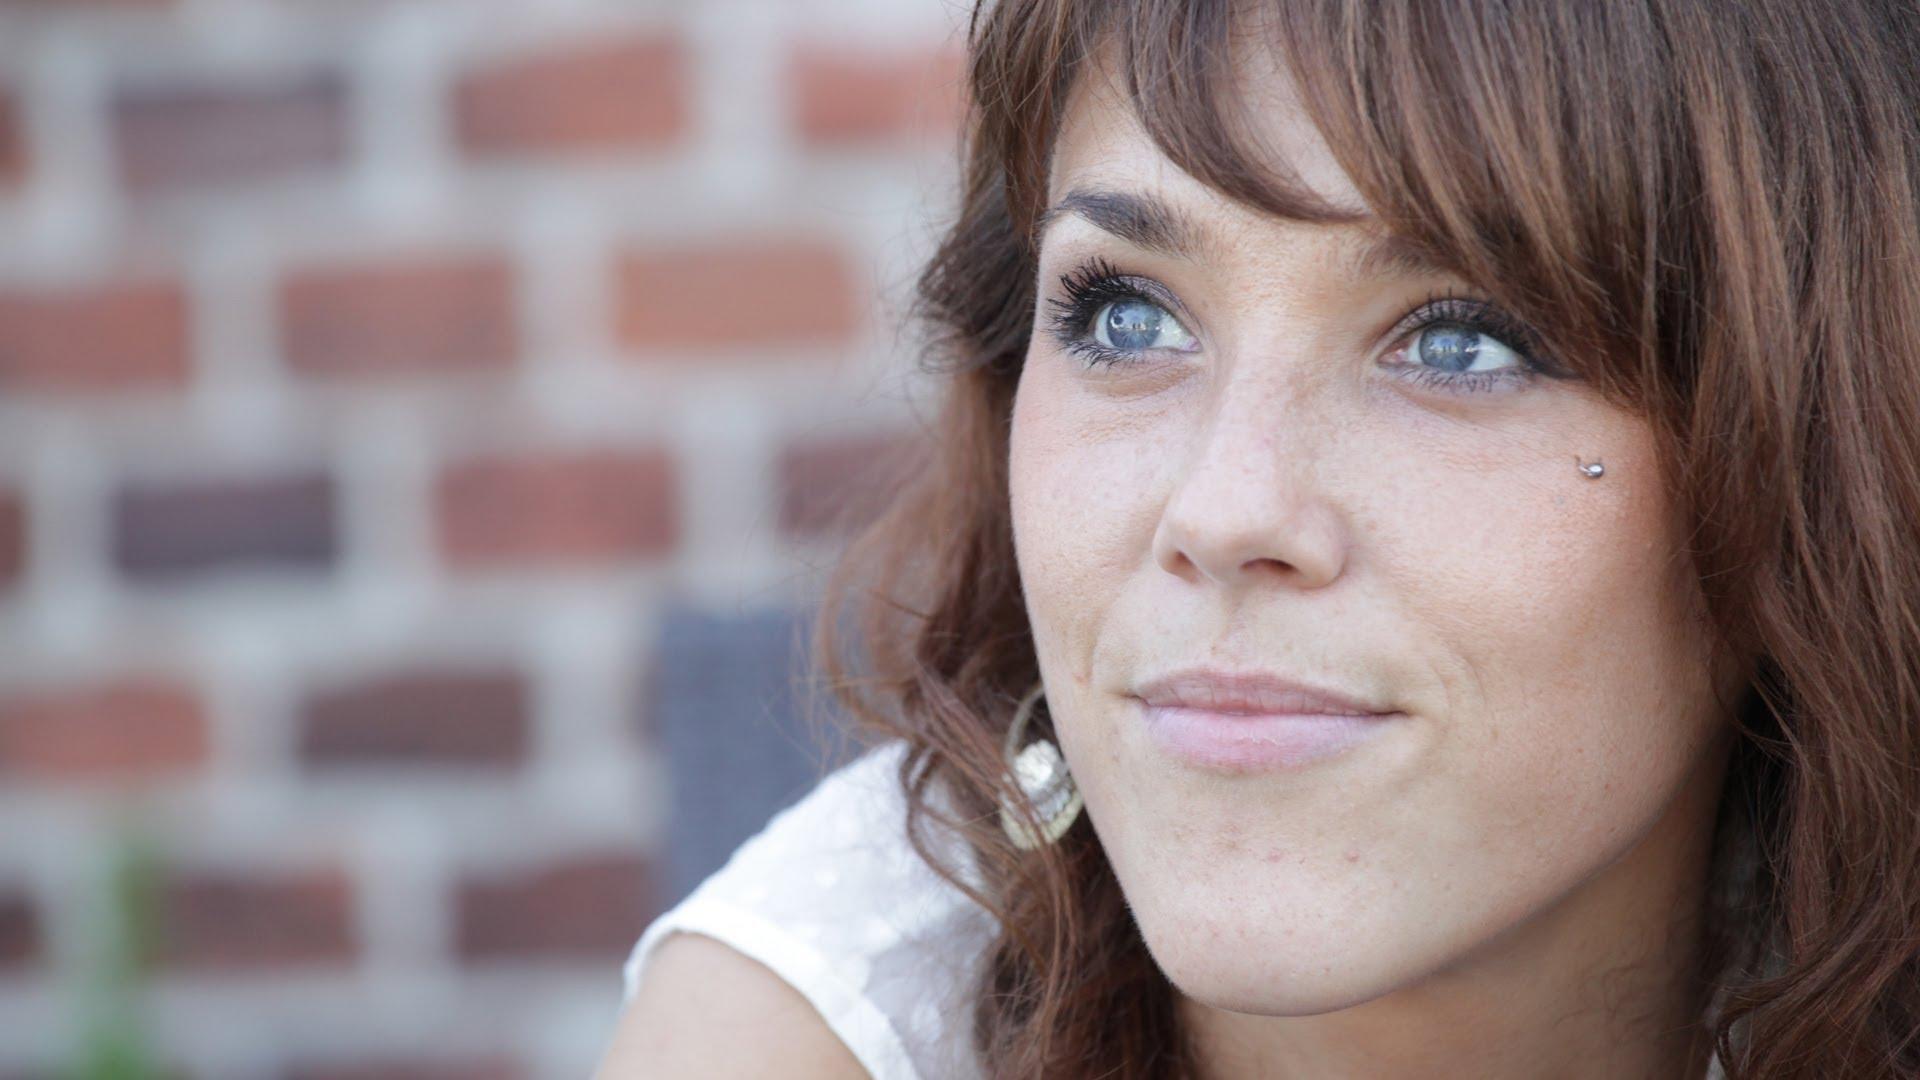 Сандра немецкая певица фото актуален для